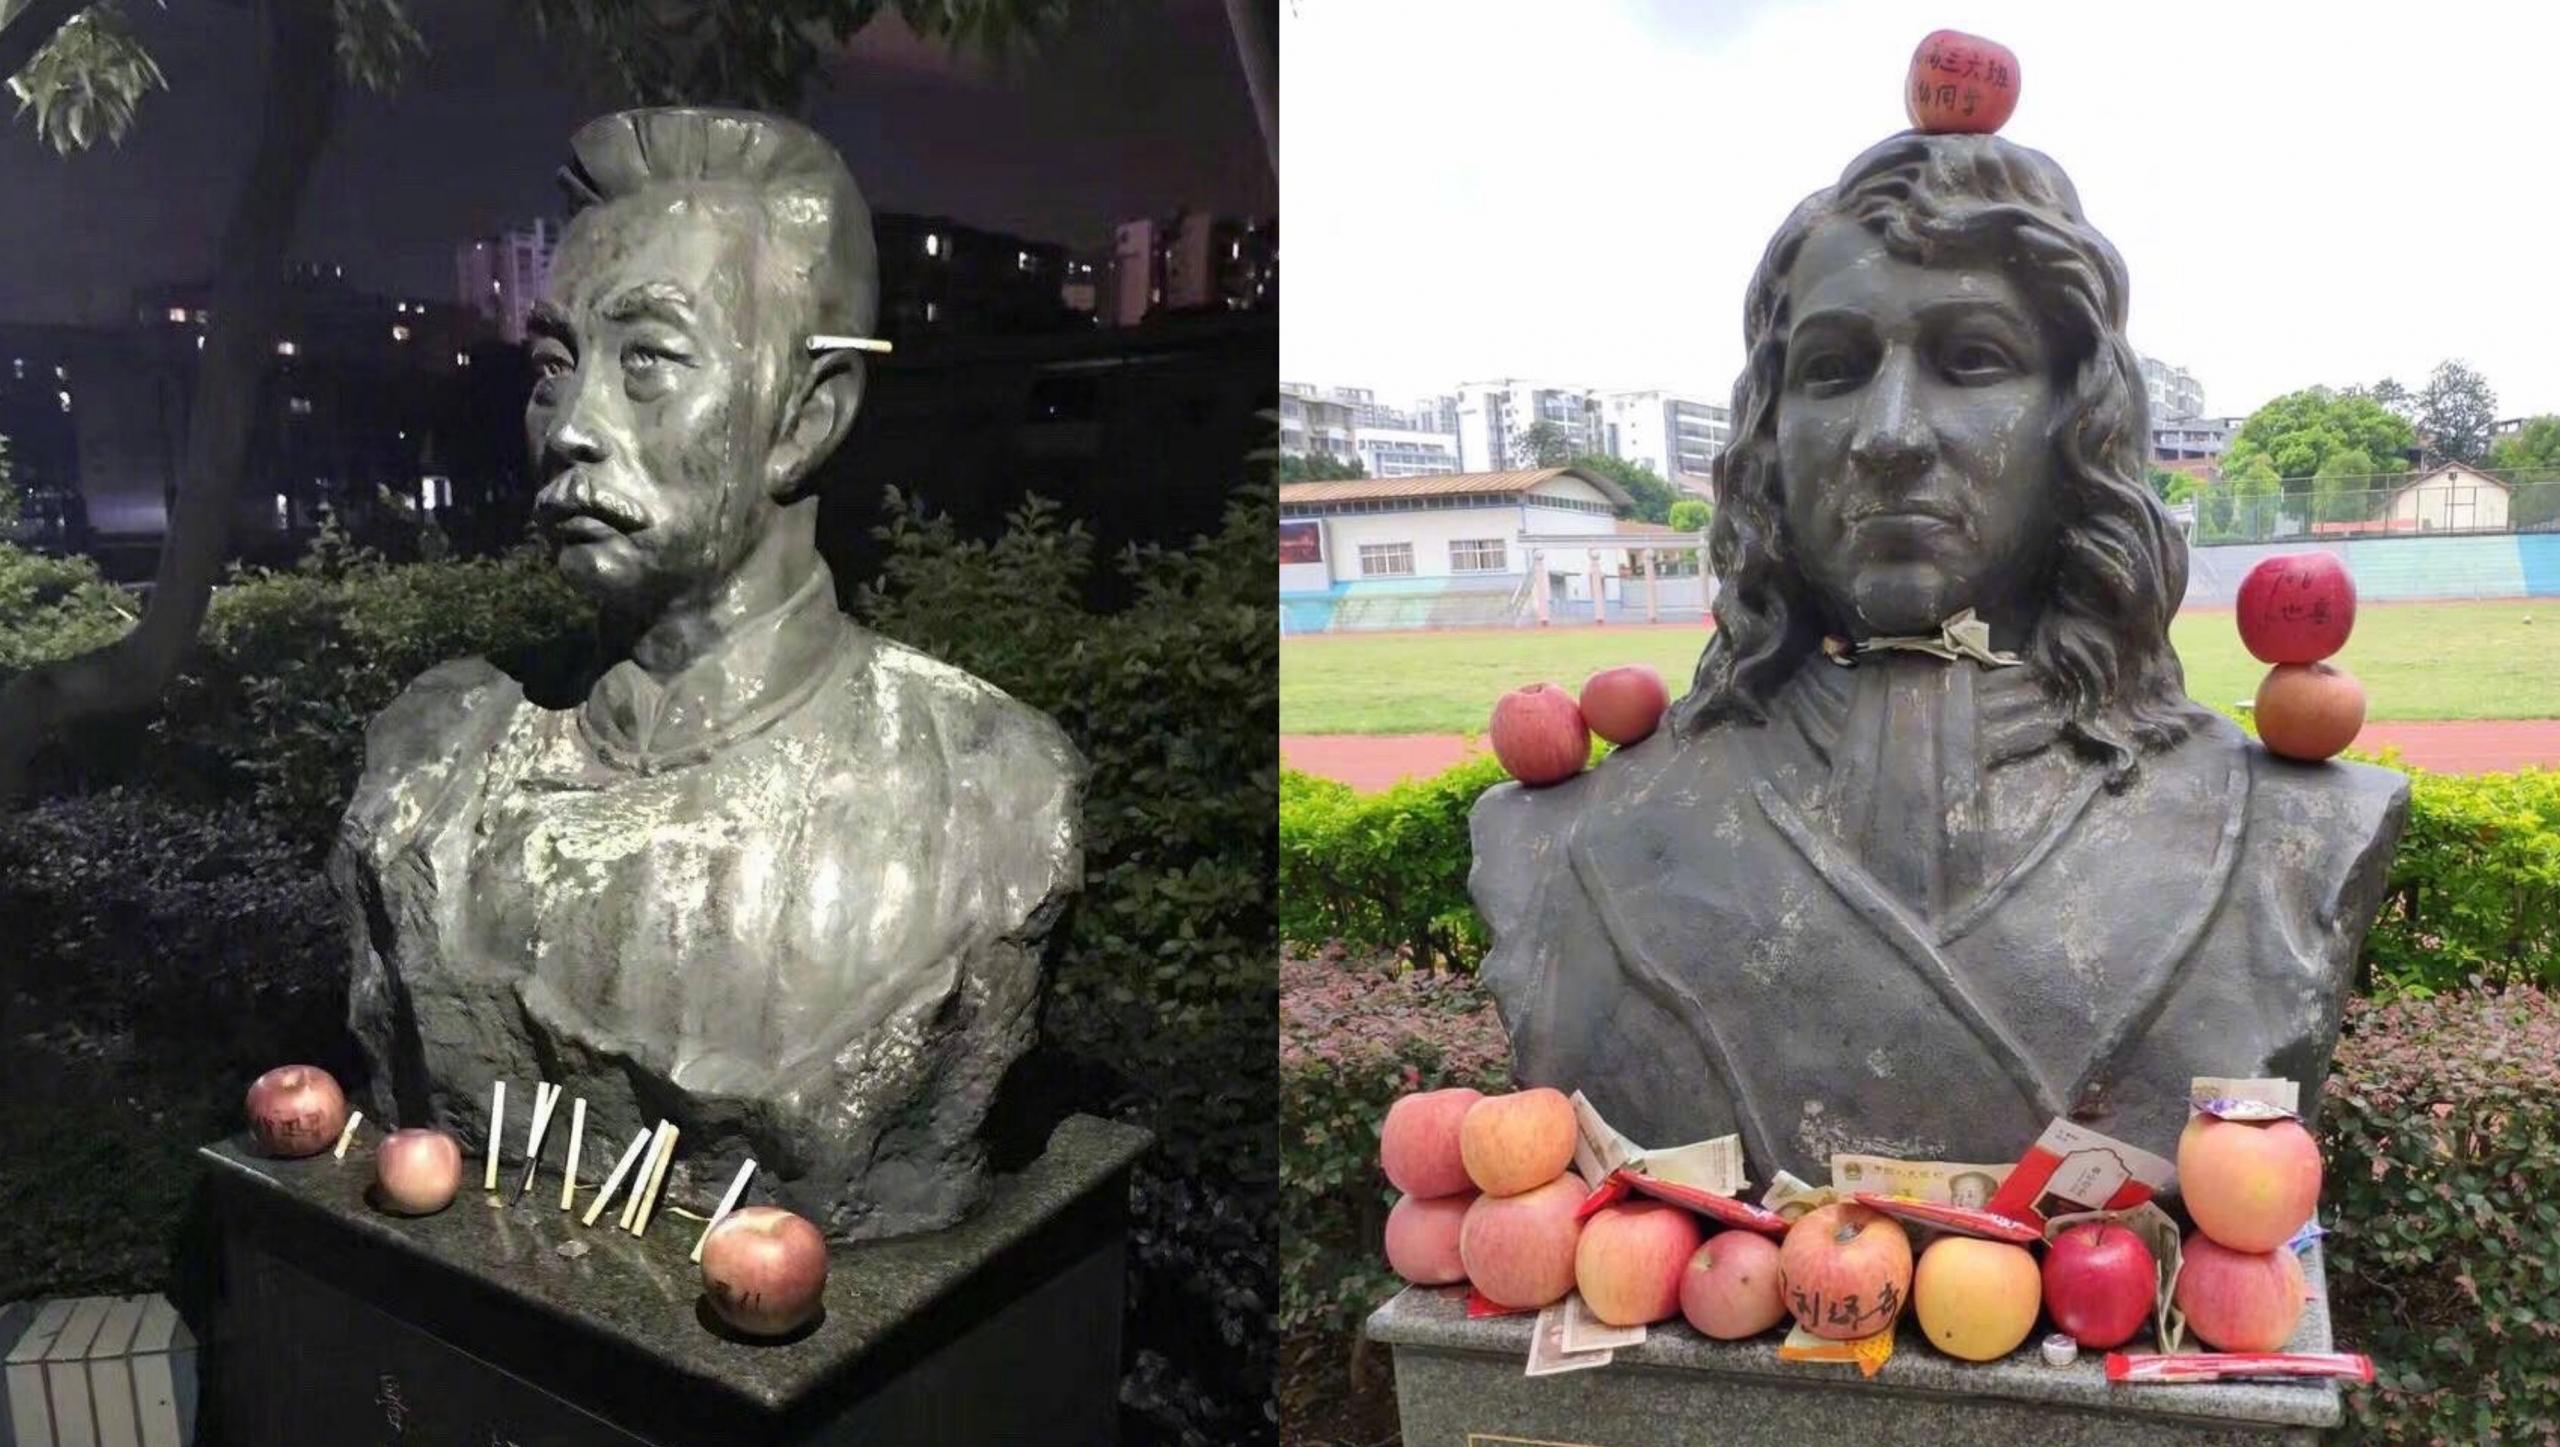 Sĩ tử Trung Quốc đặt đồ cúng 'ngập mặt' các pho tượng học sĩ trước kì thi đại học